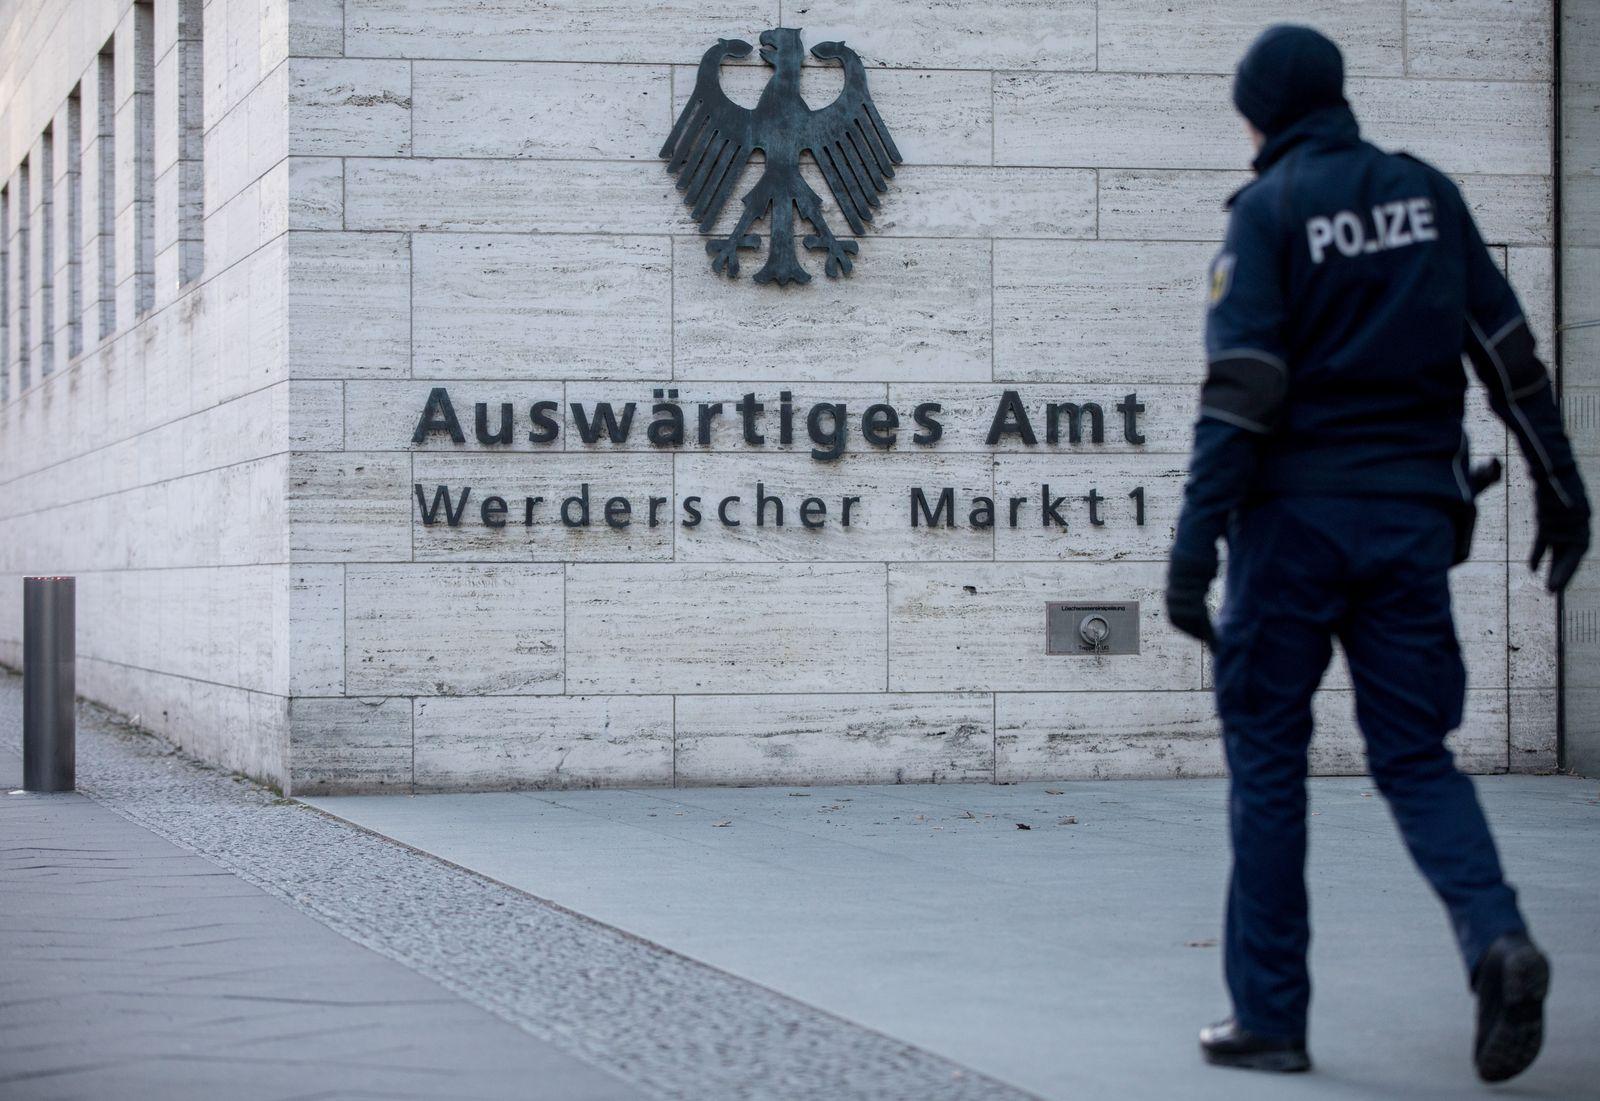 Auswärtiges Amt Berlin/ Hackerangriff/ Regierungsnetz